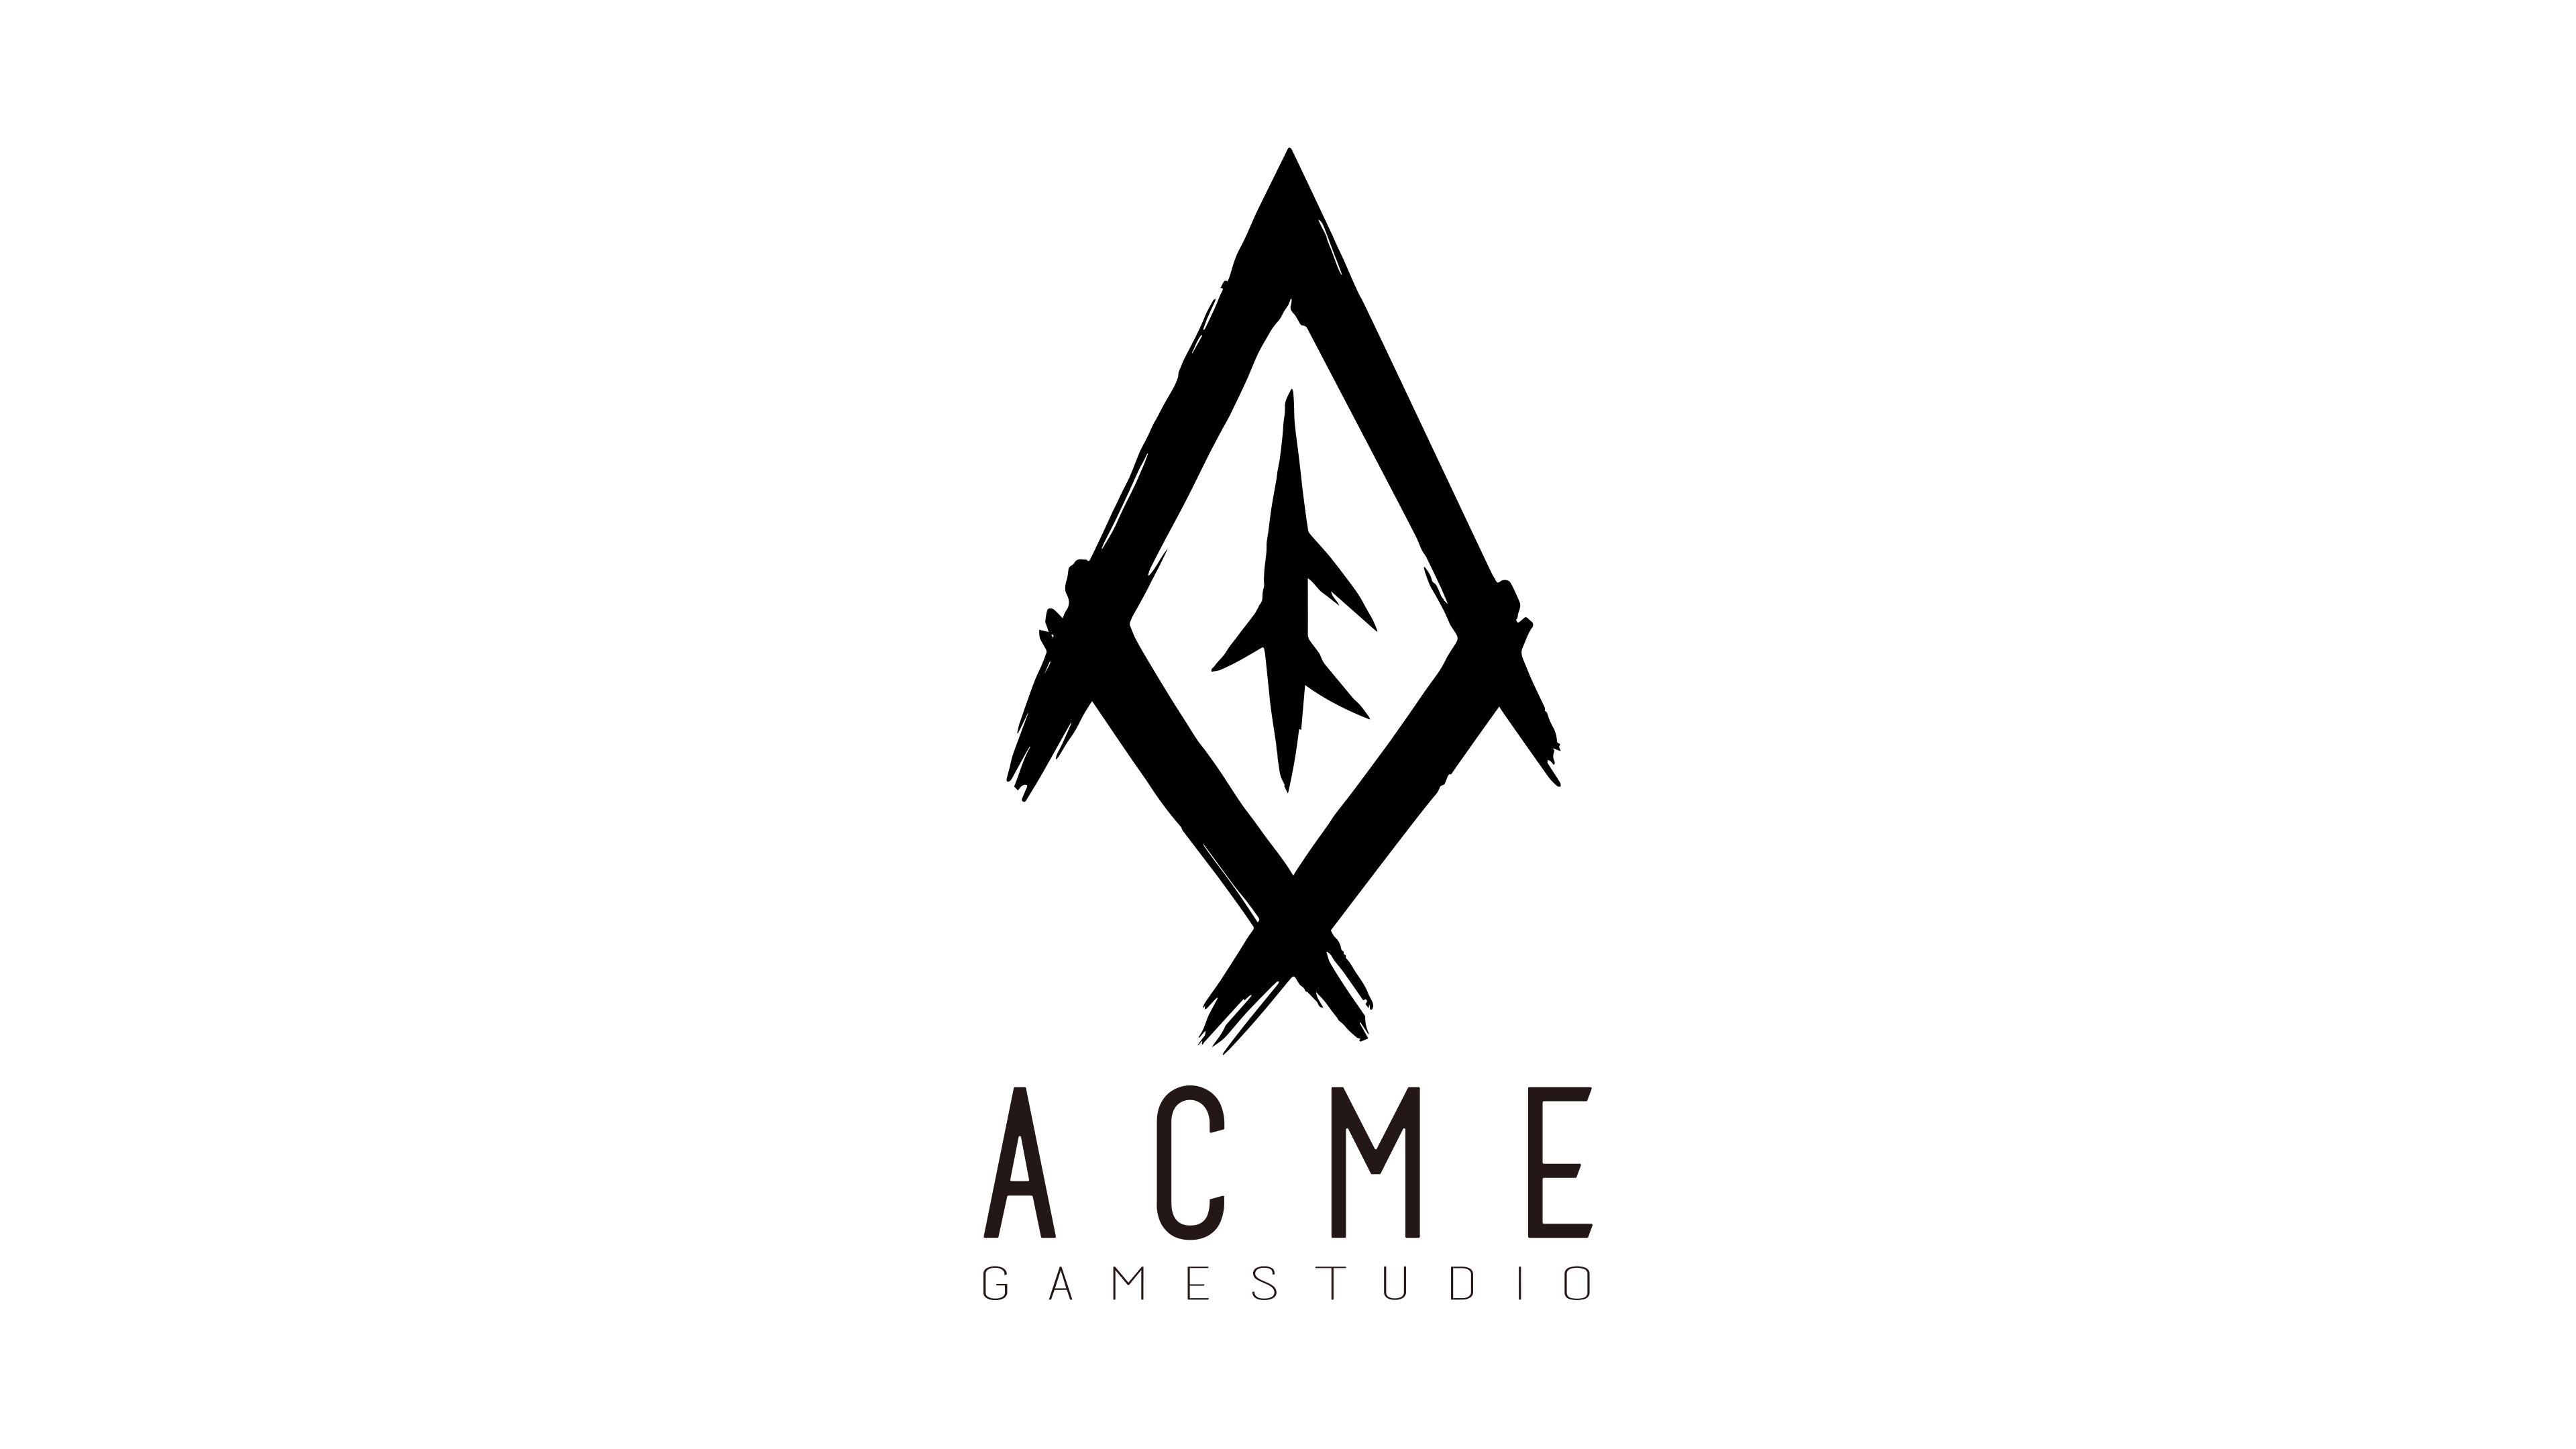 ACME GAME STUDIO